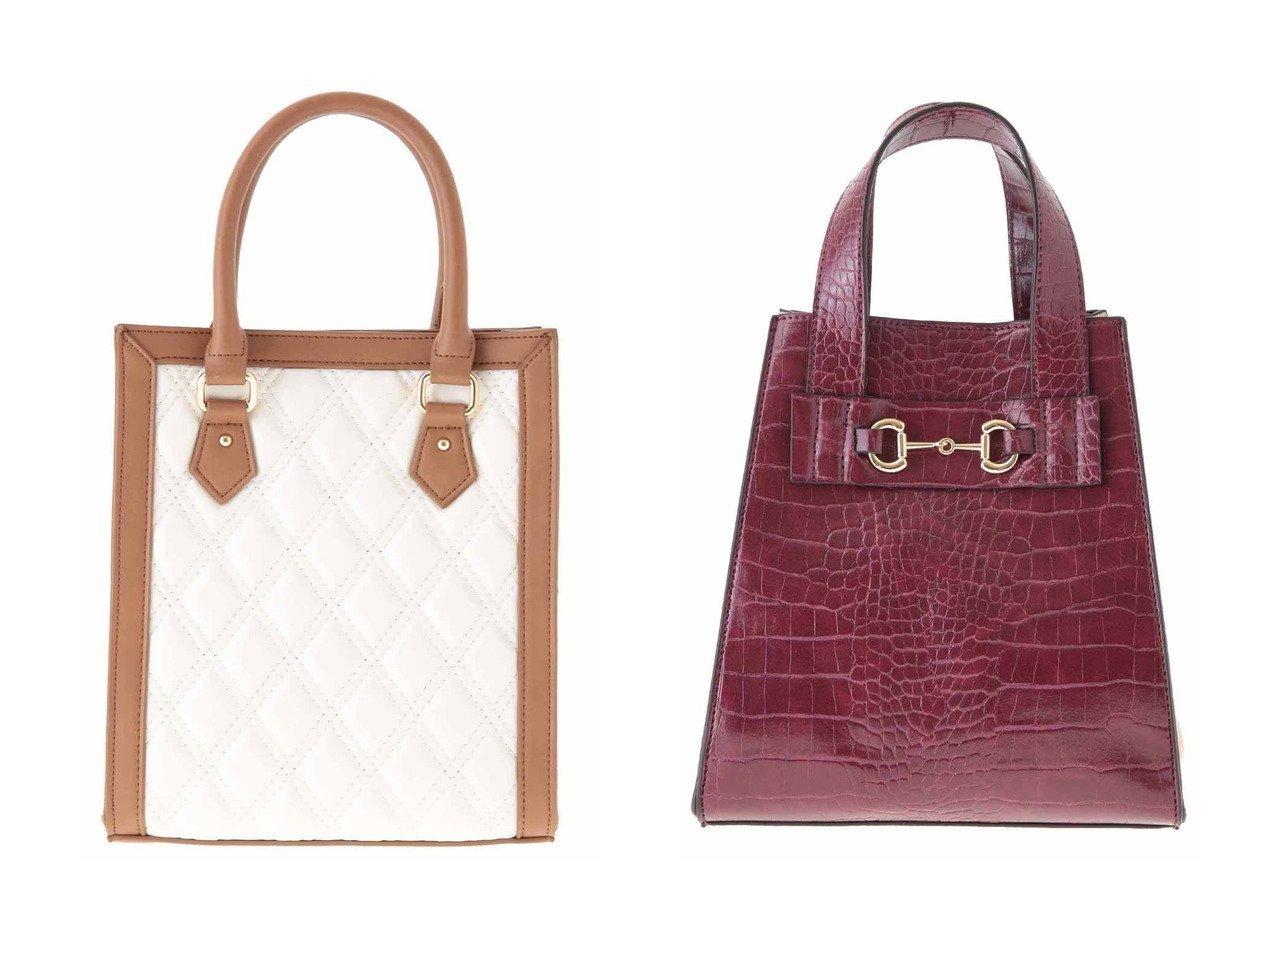 【31 Sons de mode/トランテアン ソン ドゥ モード】のキルティング2WAYトートバッグ&クロコ×スウェード配色バッグ 【バッグ・鞄】おすすめ!人気、トレンド・レディースファッションの通販 おすすめで人気の流行・トレンド、ファッションの通販商品 インテリア・家具・メンズファッション・キッズファッション・レディースファッション・服の通販 founy(ファニー) https://founy.com/ ファッション Fashion レディースファッション WOMEN バッグ Bag クロコ スウェード フェイクスウェード 台形 キルティング ショルダー トリミング トレンド 秋 Autumn/Fall  ID:crp329100000055428